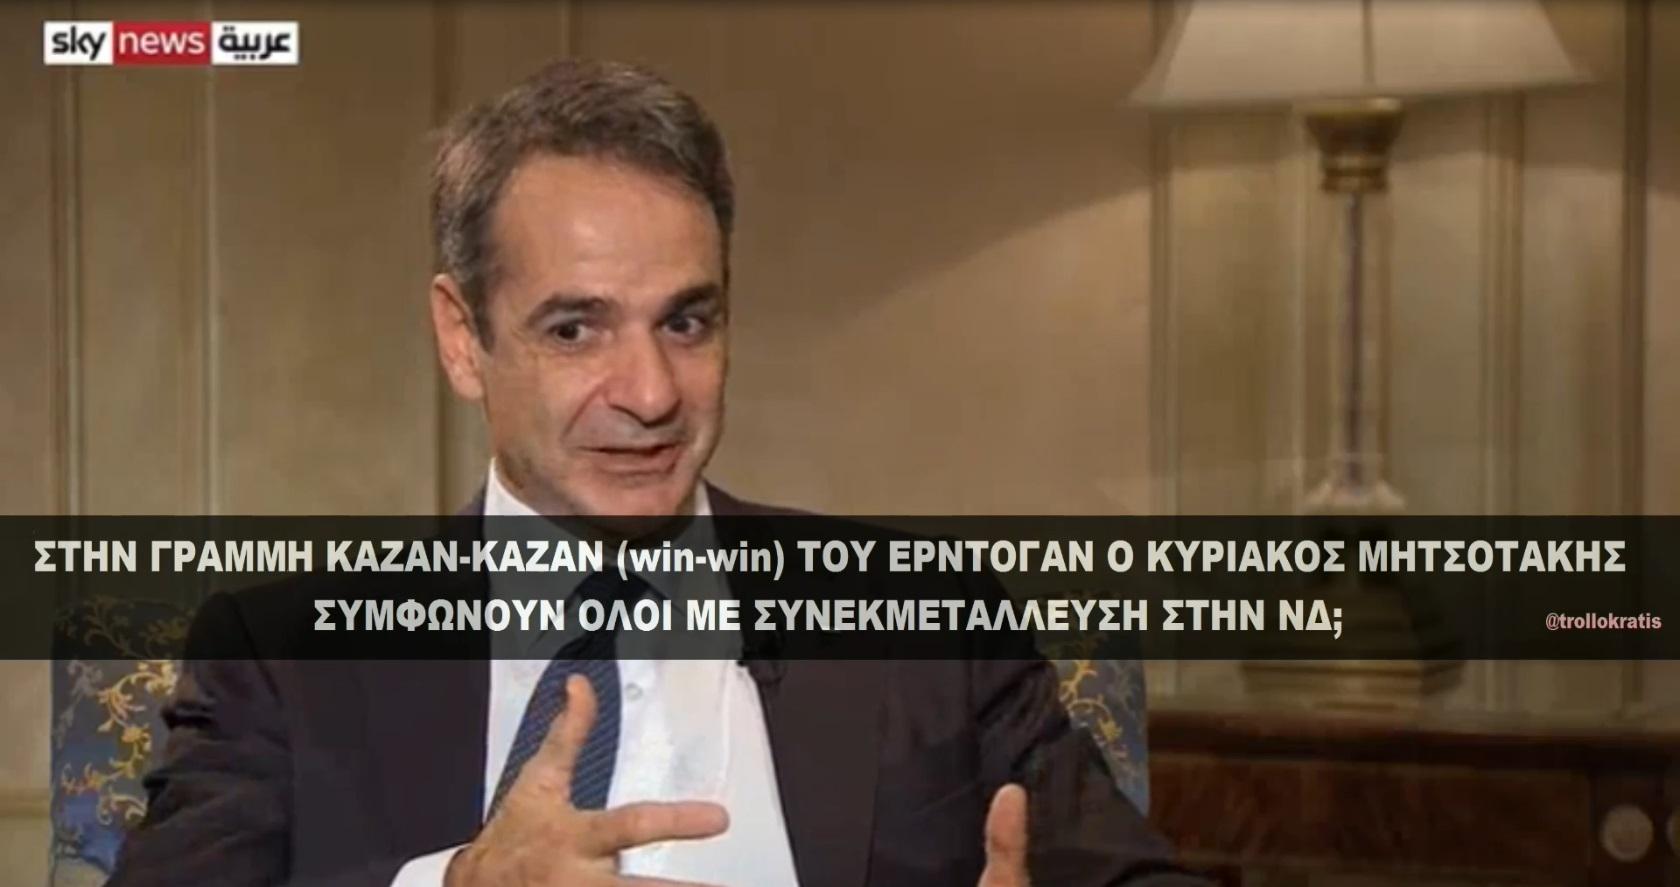 Στην γραμμή Ερντογάν ο Μητσοτάκης: Δέχθηκε δημοσίως το Τουρκικό χρόνιο αίτημα για Καζάν Καζάν (Βίντεο)